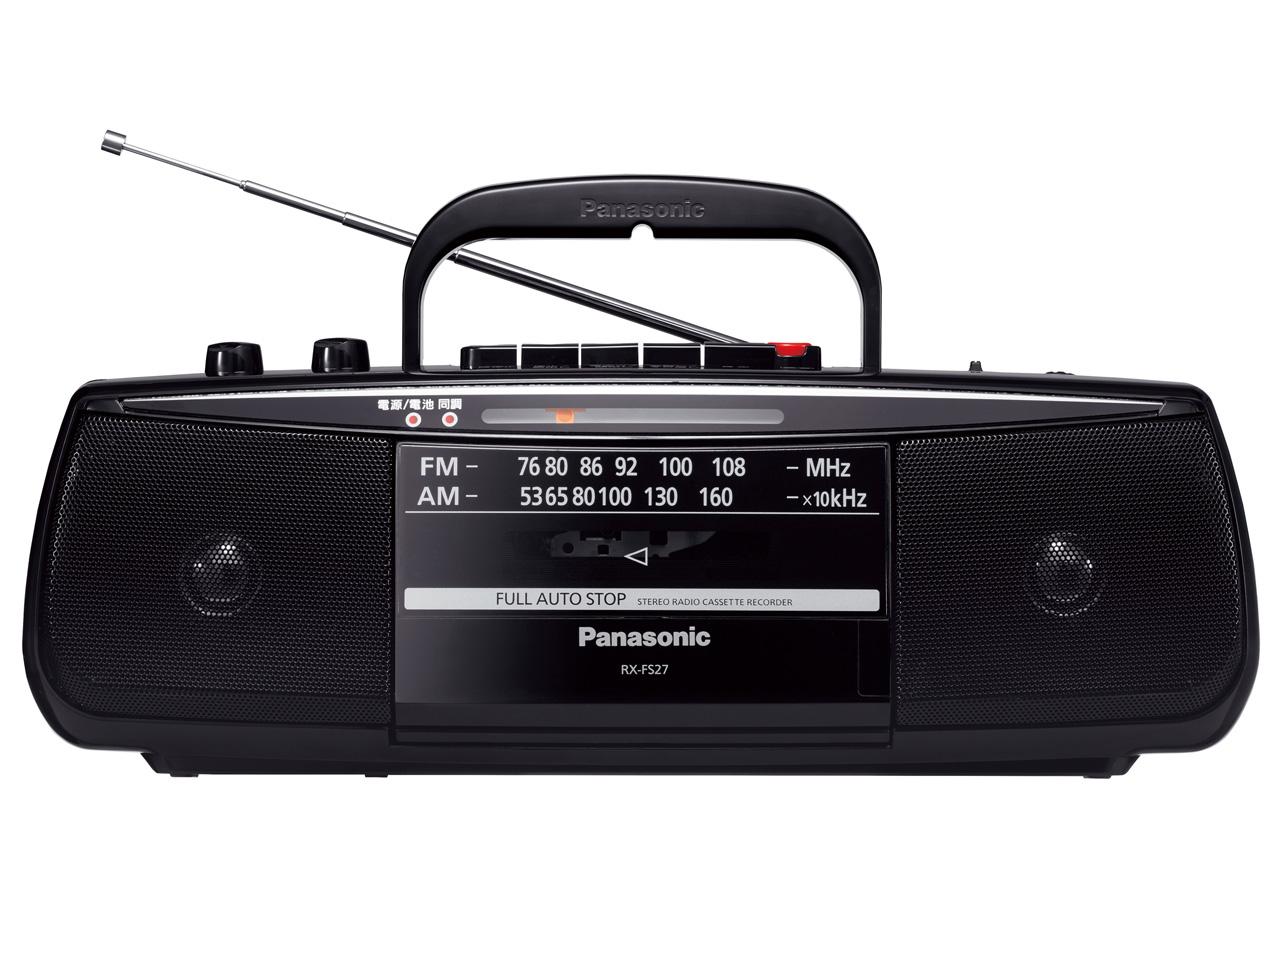 RX-FS27 の製品画像